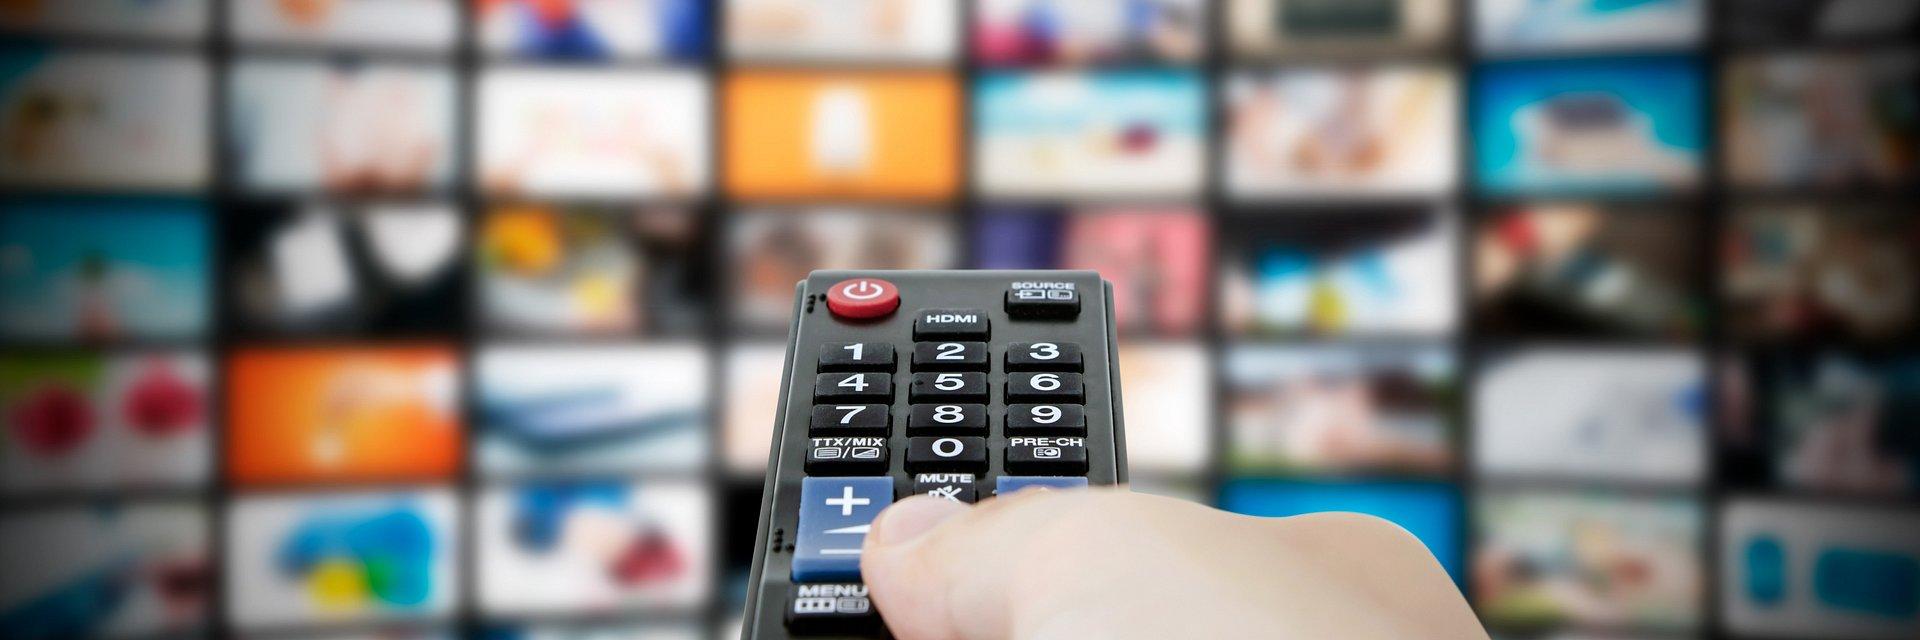 """Nadawcy Telewizyjni powołali do życia nową organizację - Związek Pracodawców Ogólnopolskich Mediów Telewizyjnych """"MOC TV"""""""